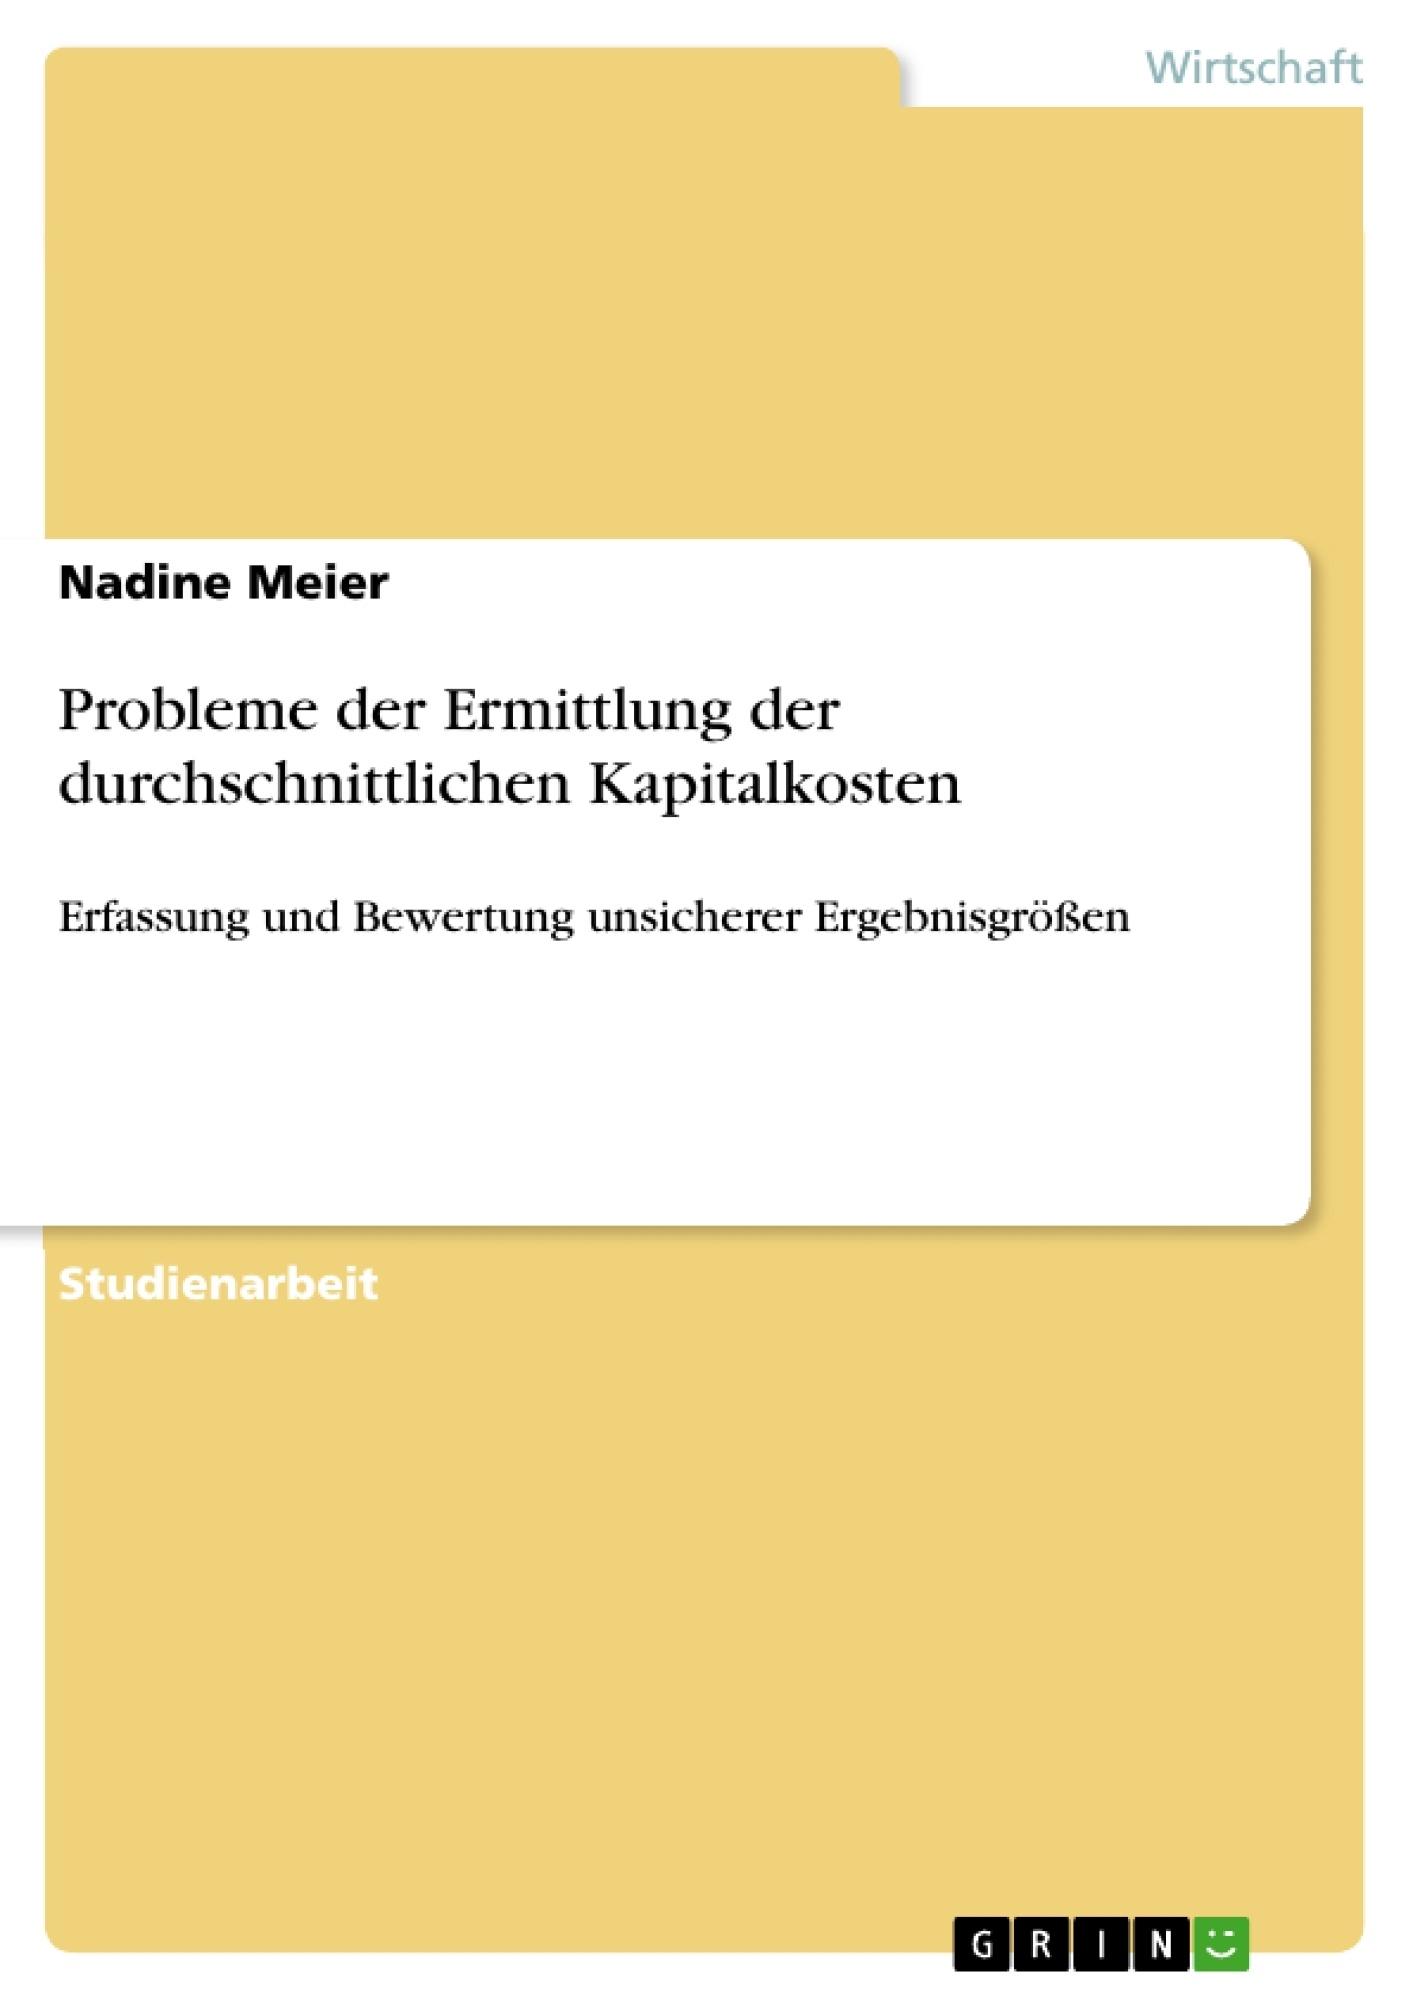 Titel: Probleme der Ermittlung der durchschnittlichen Kapitalkosten